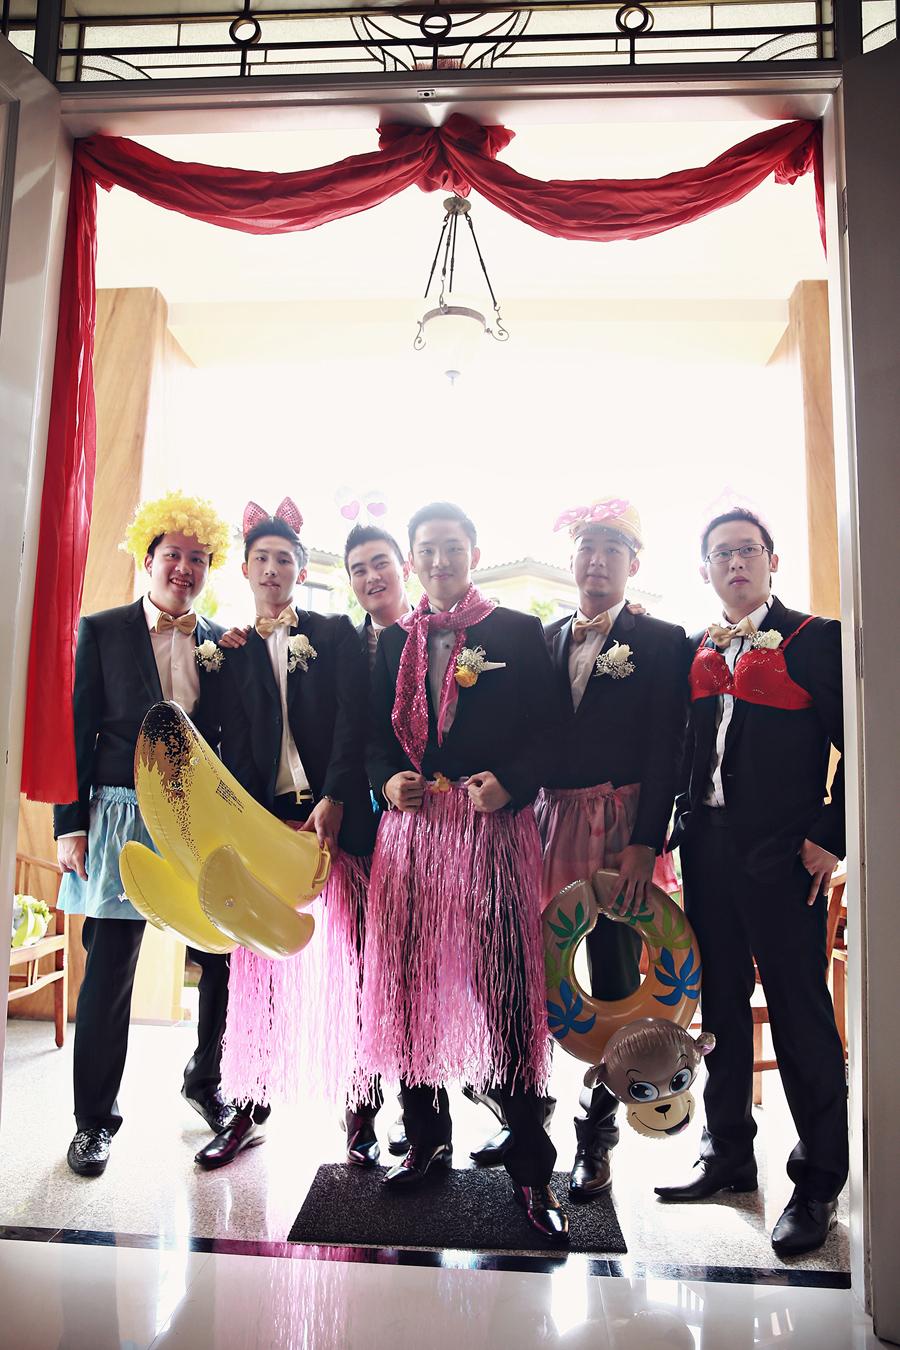 axioo-rocky-merlin-wedding-surabaya-22